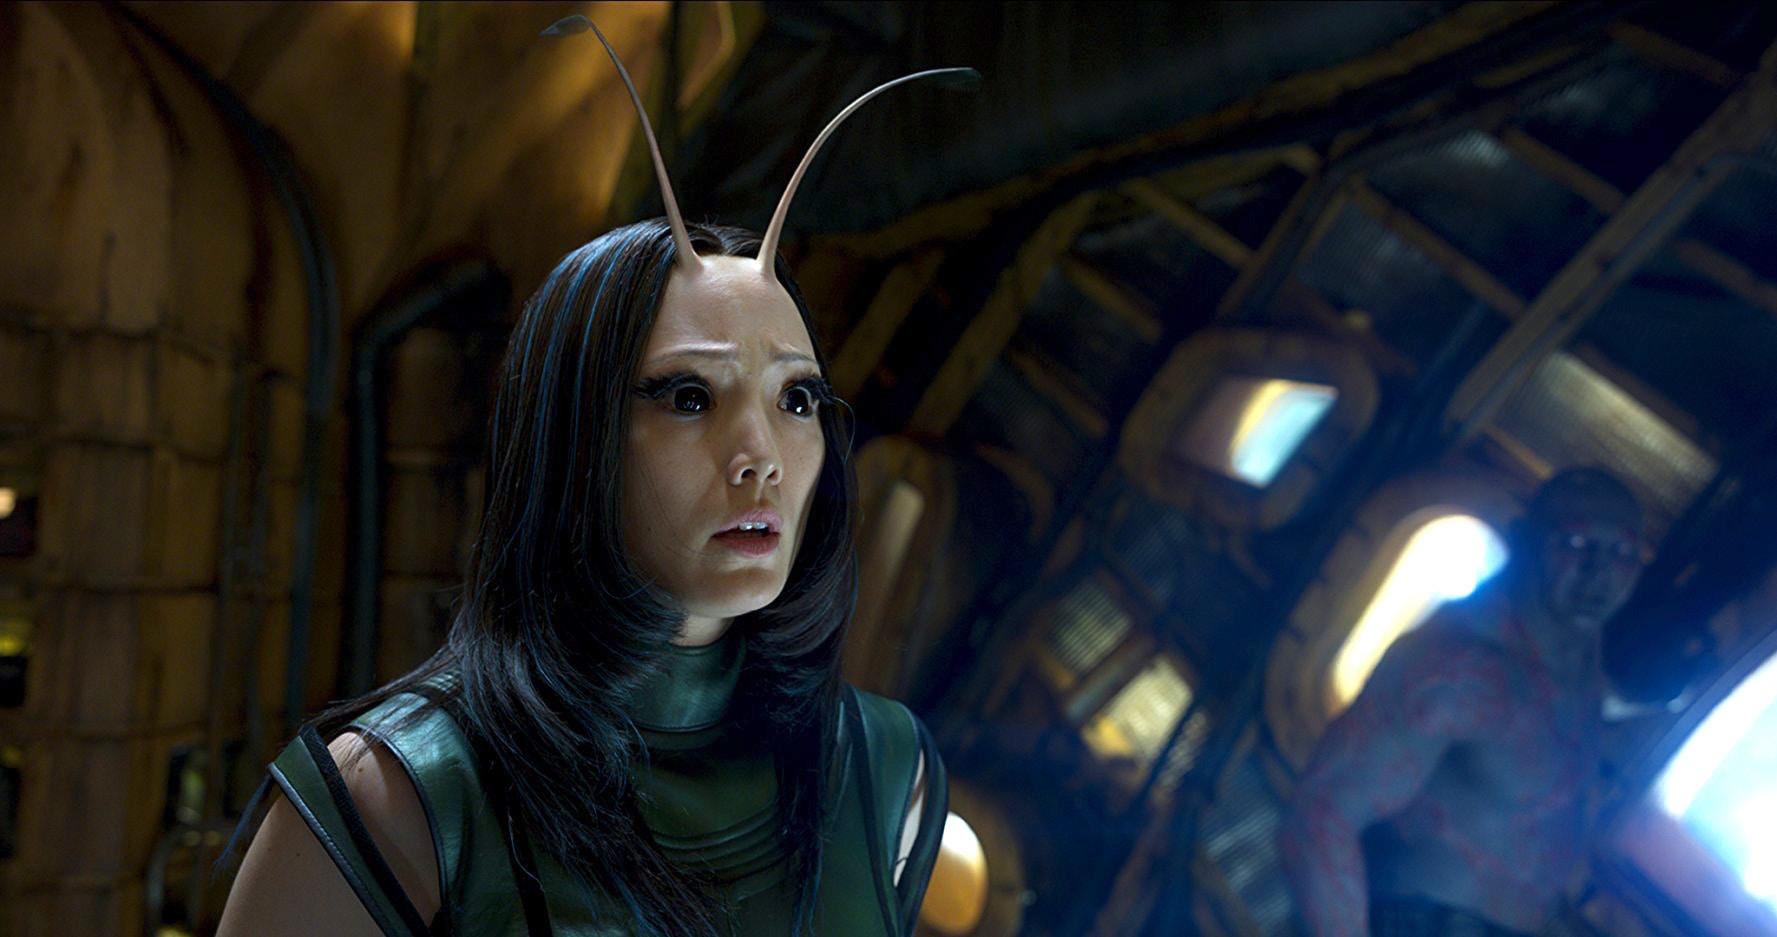 2017 年《星際異攻隊 2》中的螳螂女。